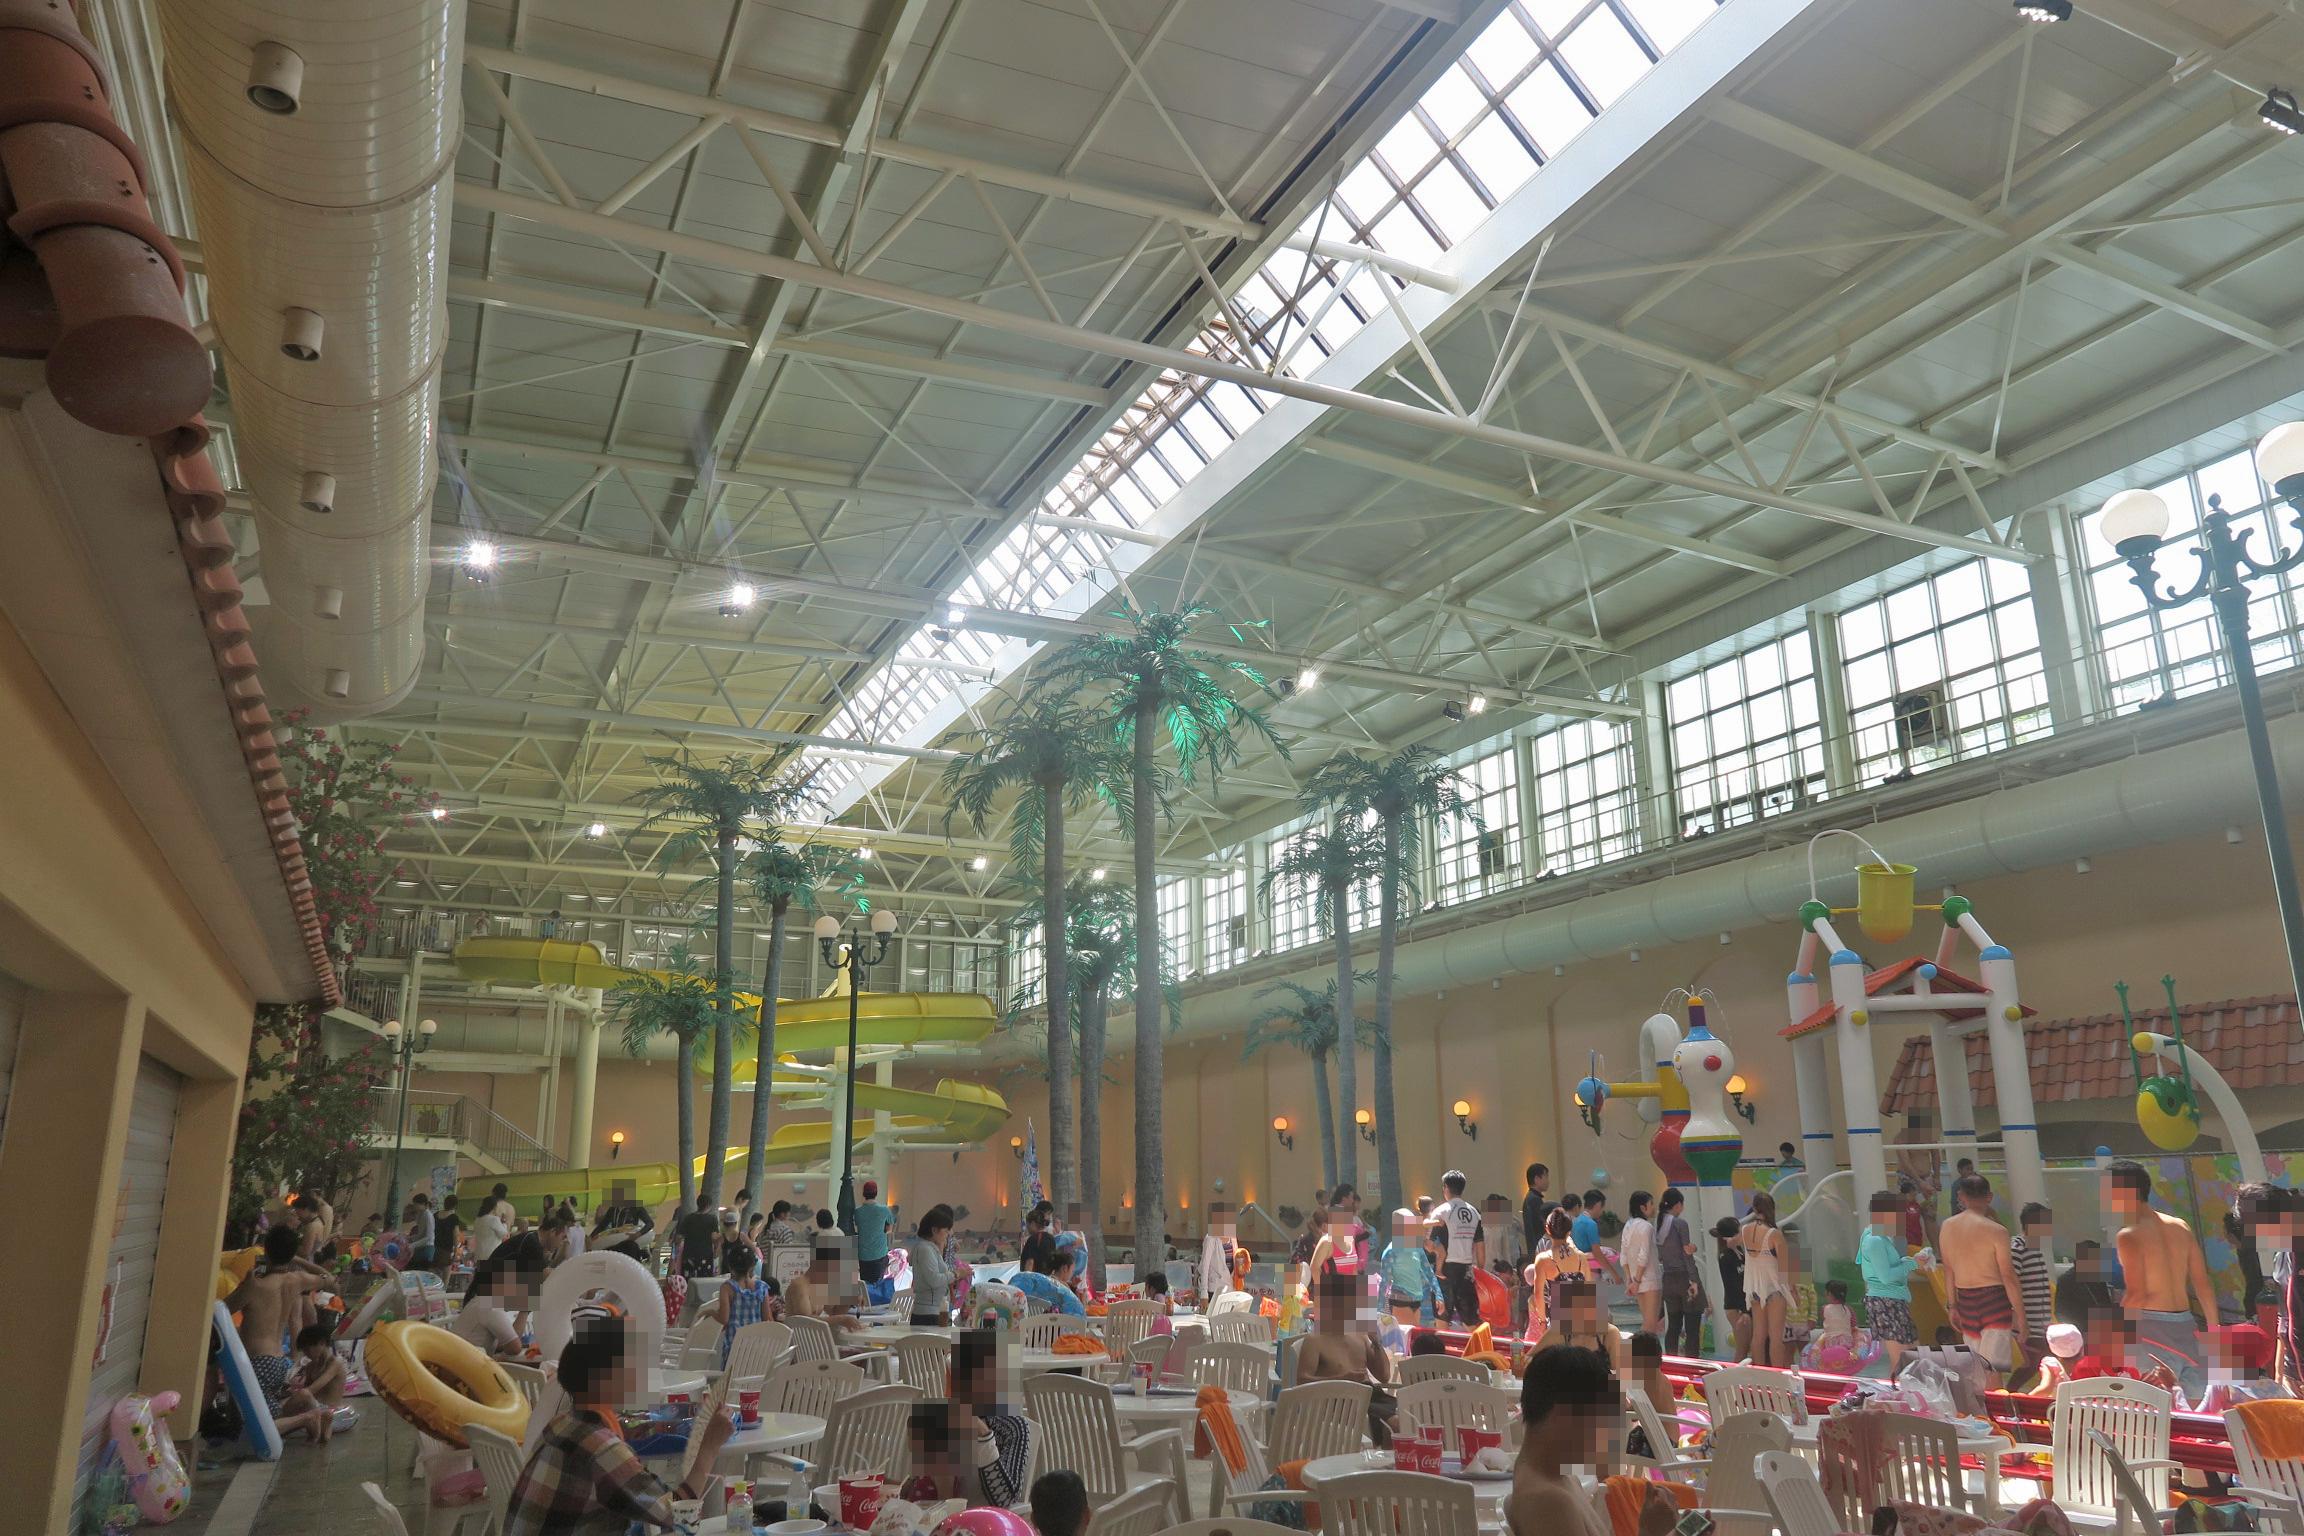 手前がテーブルとイスのある食事スペース。プールで遊んでいる人が席取りをしているので、空席がたくさん。